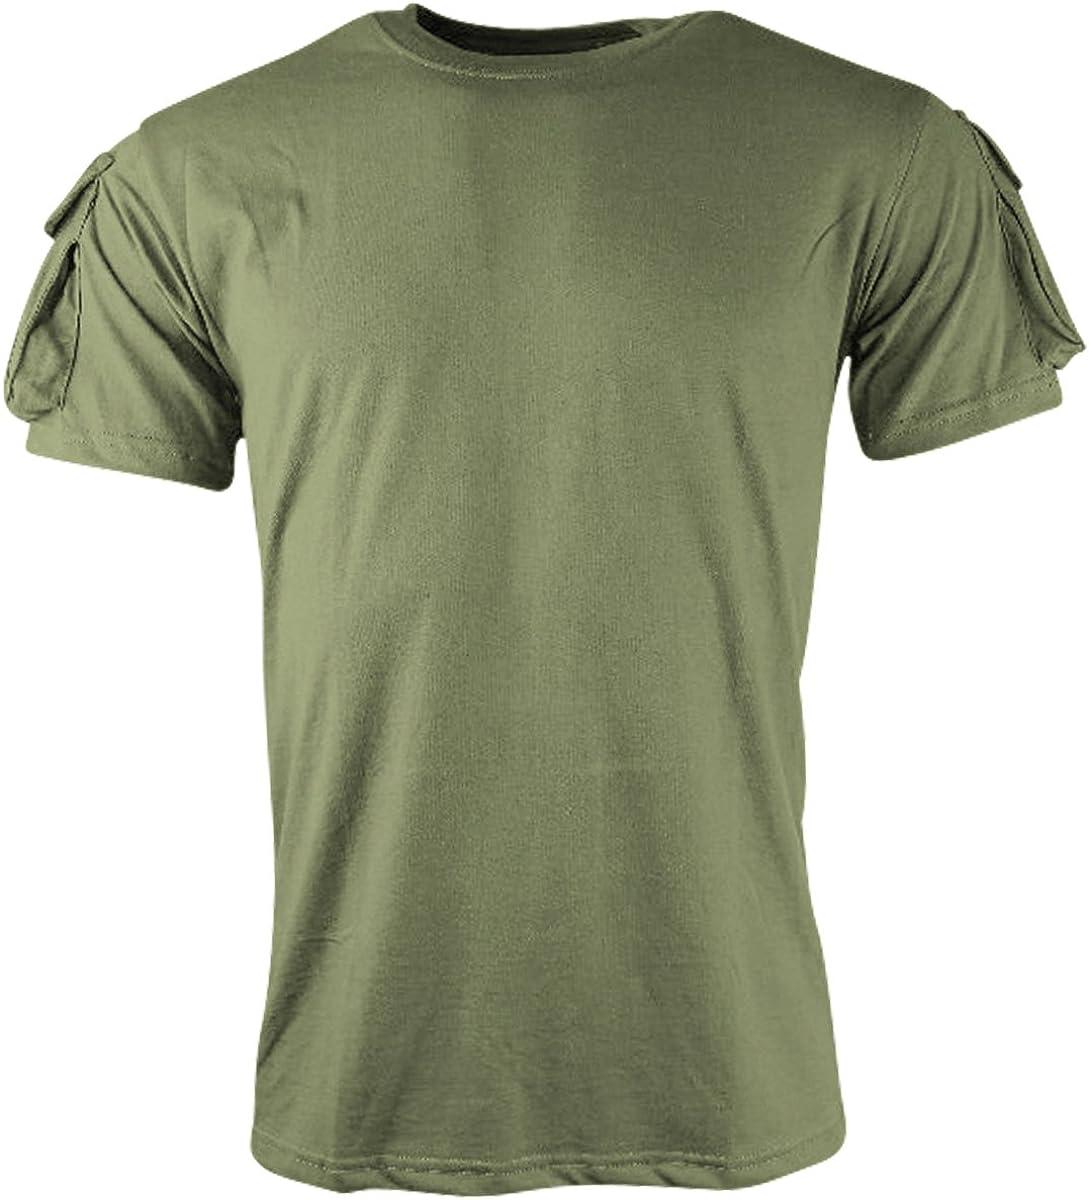 Kombat UK Tactical Short Sleeve Camiseta, Hombre: Amazon.es: Ropa y accesorios